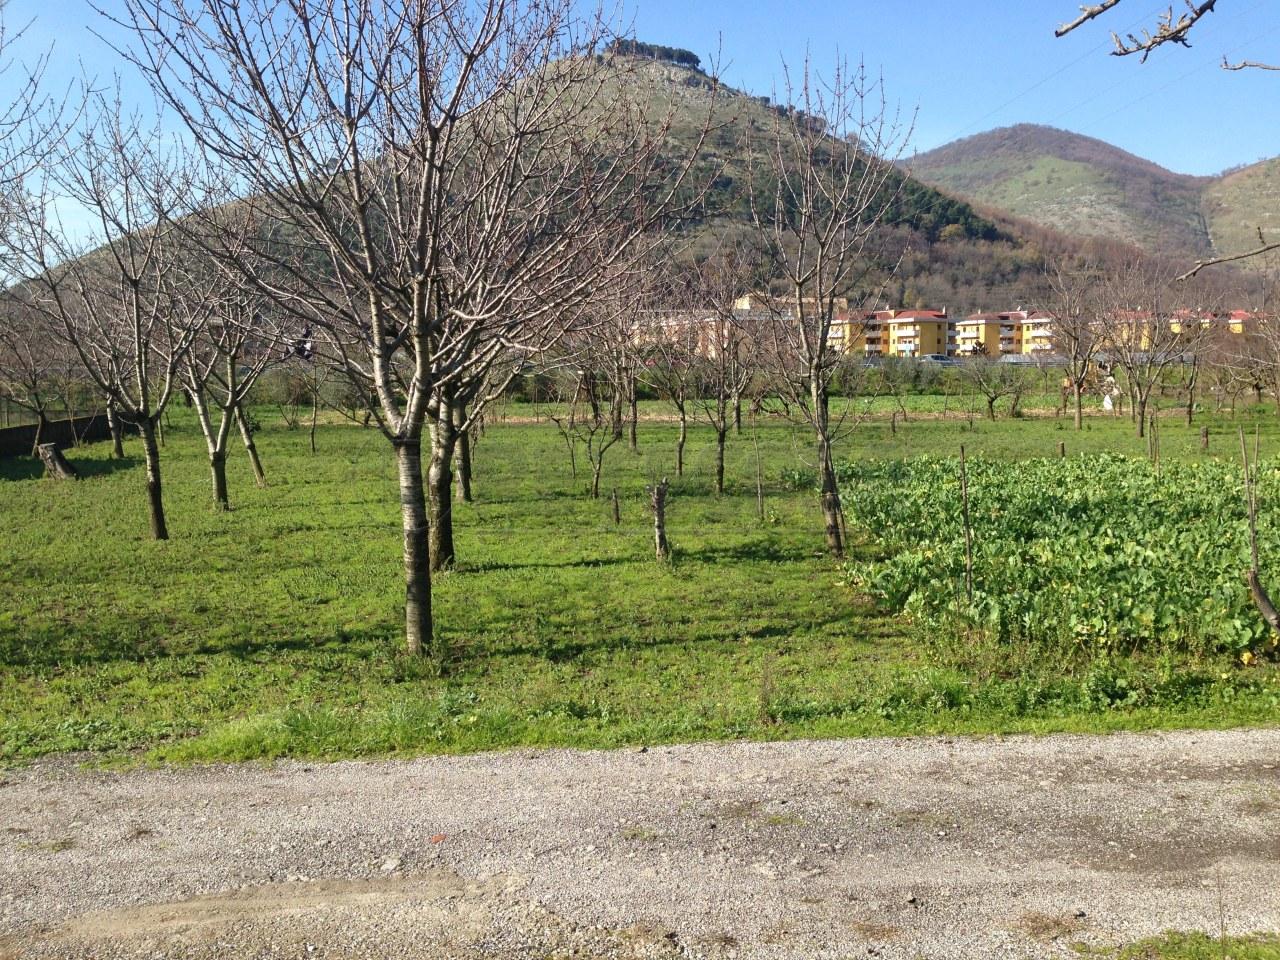 Terreno Agricolo in vendita a Castel San Giorgio, 9999 locali, prezzo € 55.000 | Cambio Casa.it